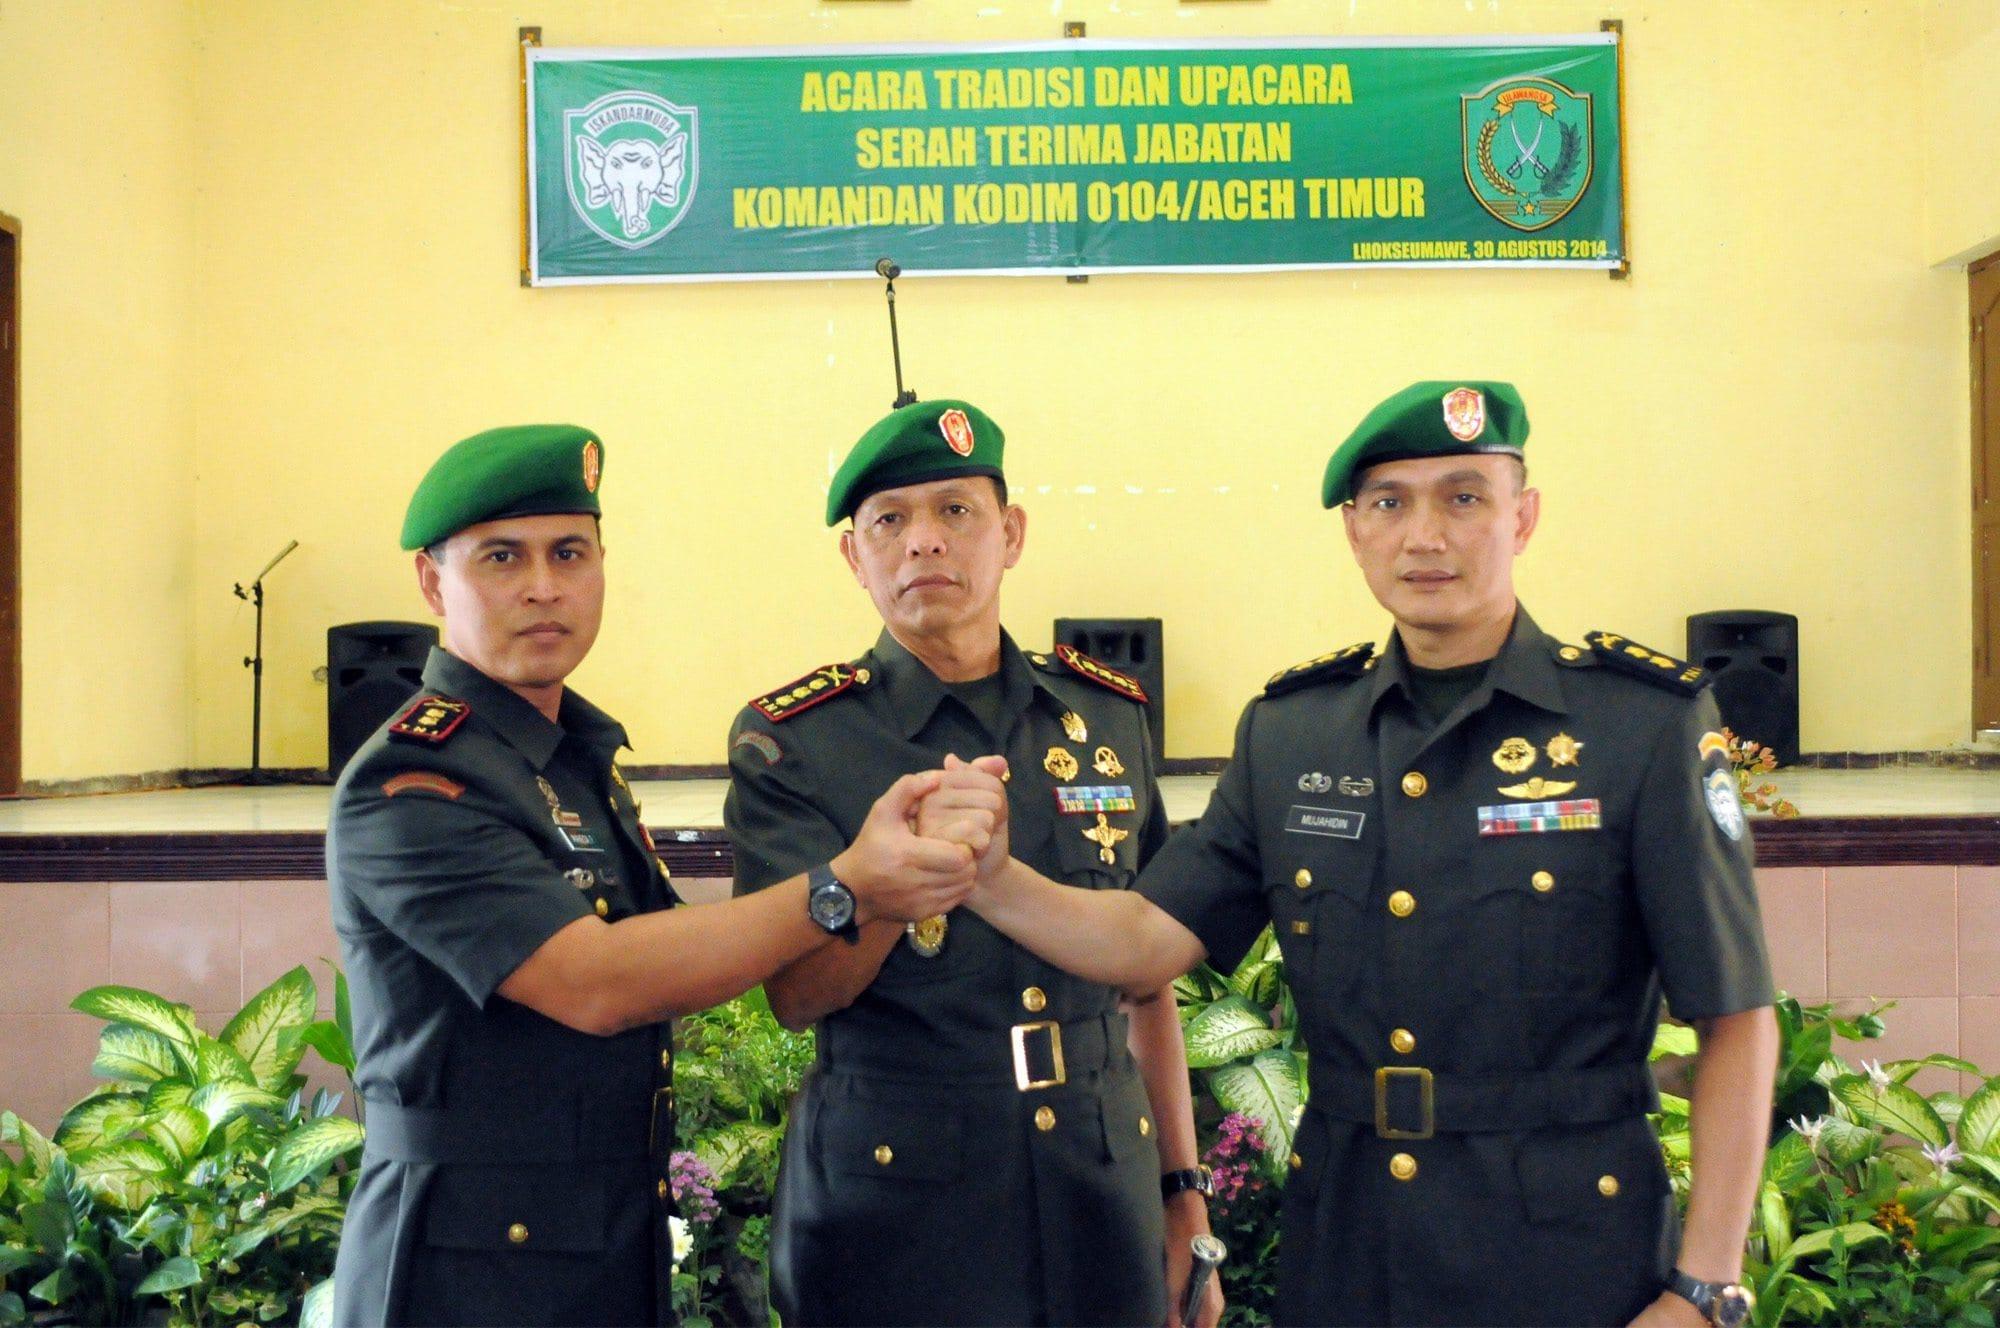 Jabatan Dandim 0104 Atim Diserah Terimakan Danrem 011/Lw Terima Tiga Perwira Baru